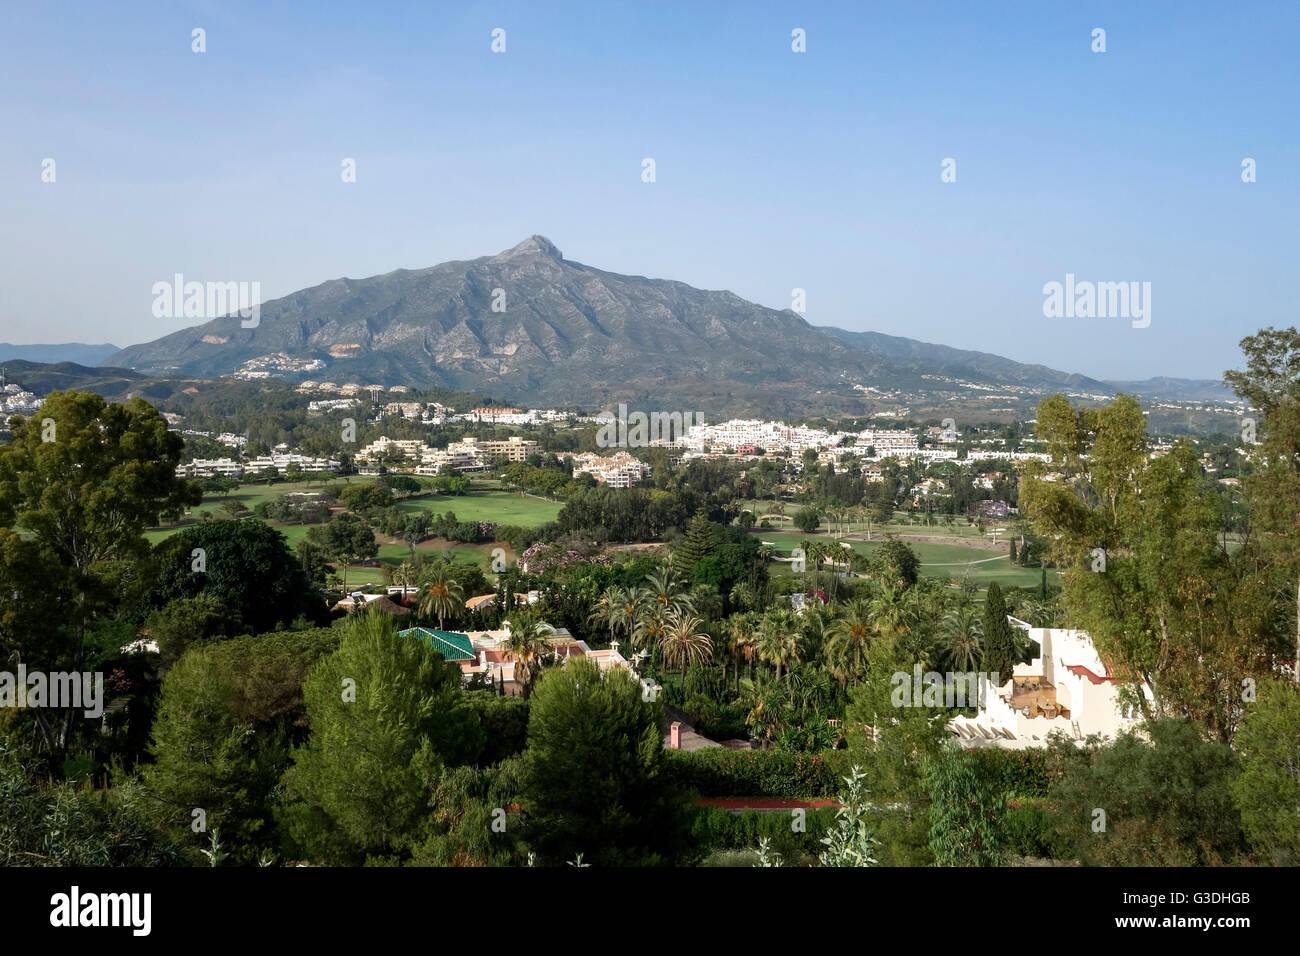 Con vistas a los campos de golf de Marbella, con la Concha en el fondo, Marbella, Andalucía, España. Foto de stock